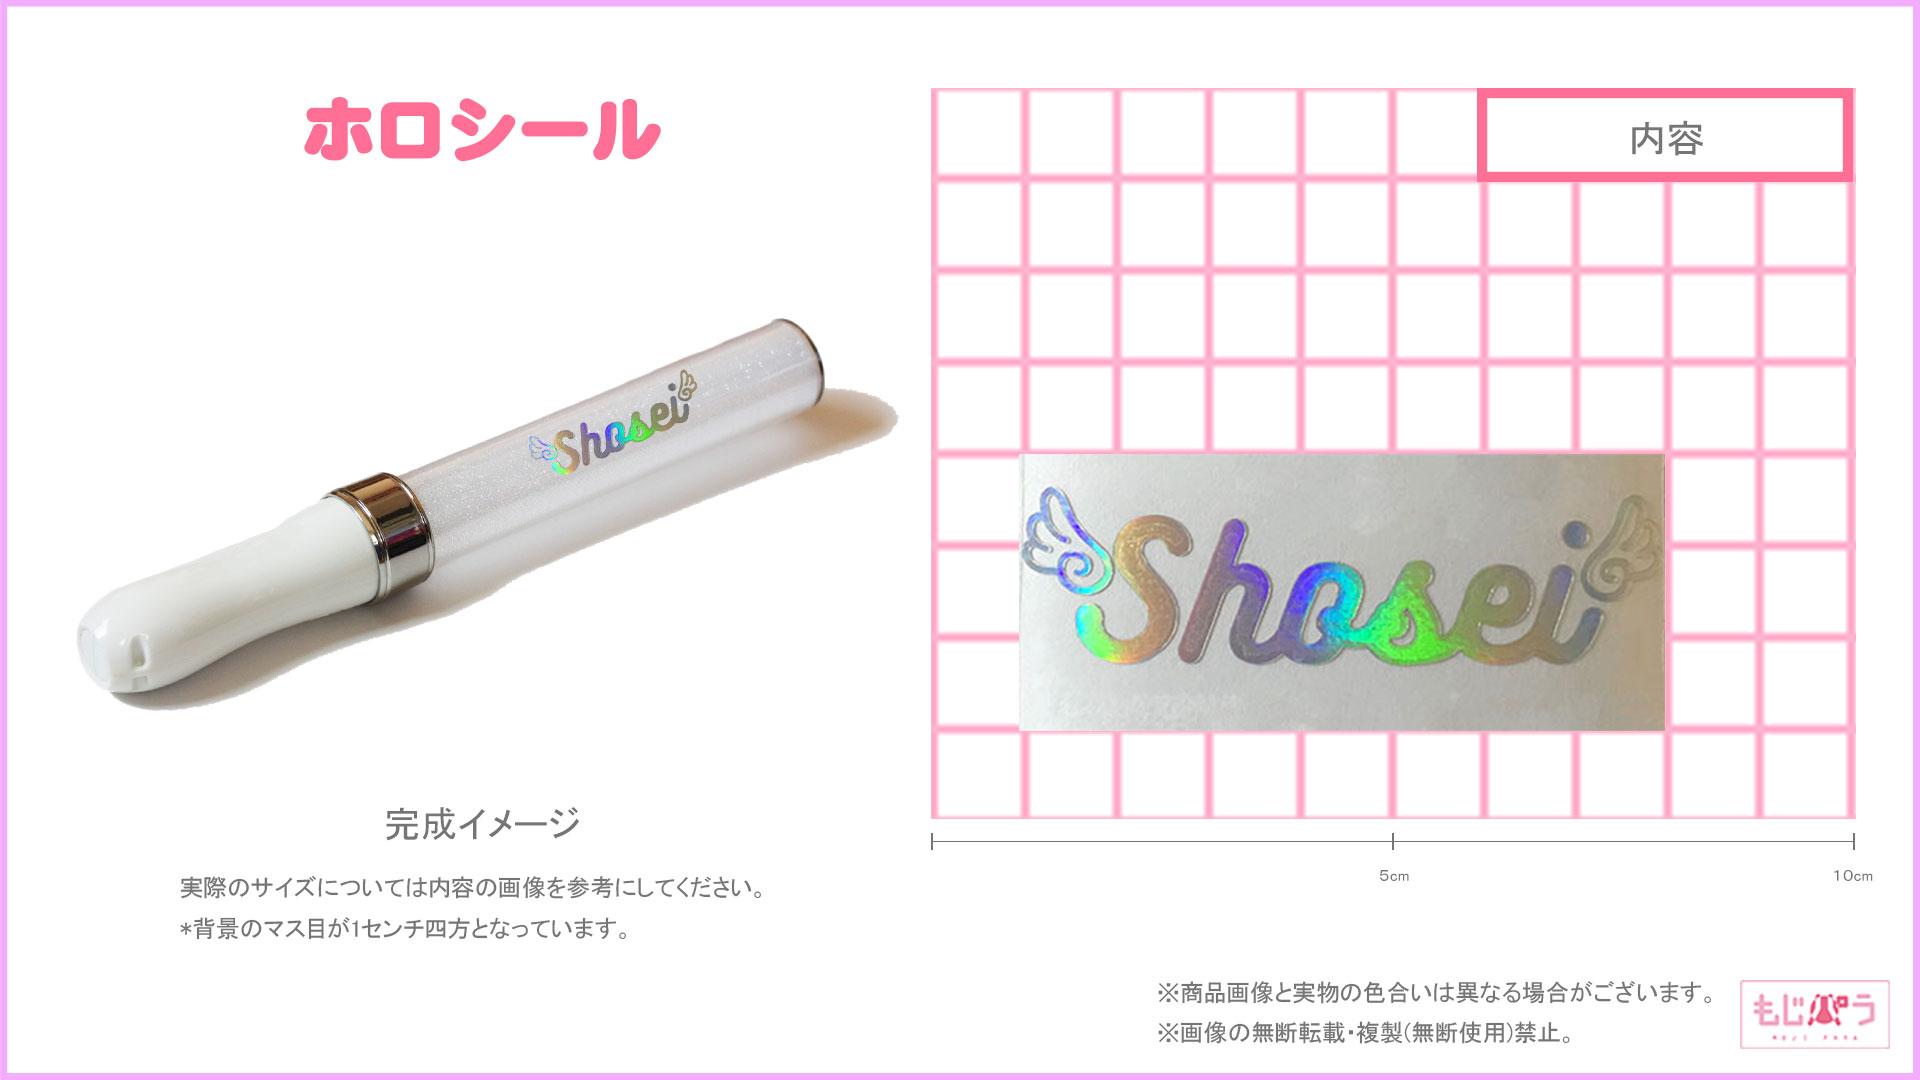 ホロシール【shosei】画像